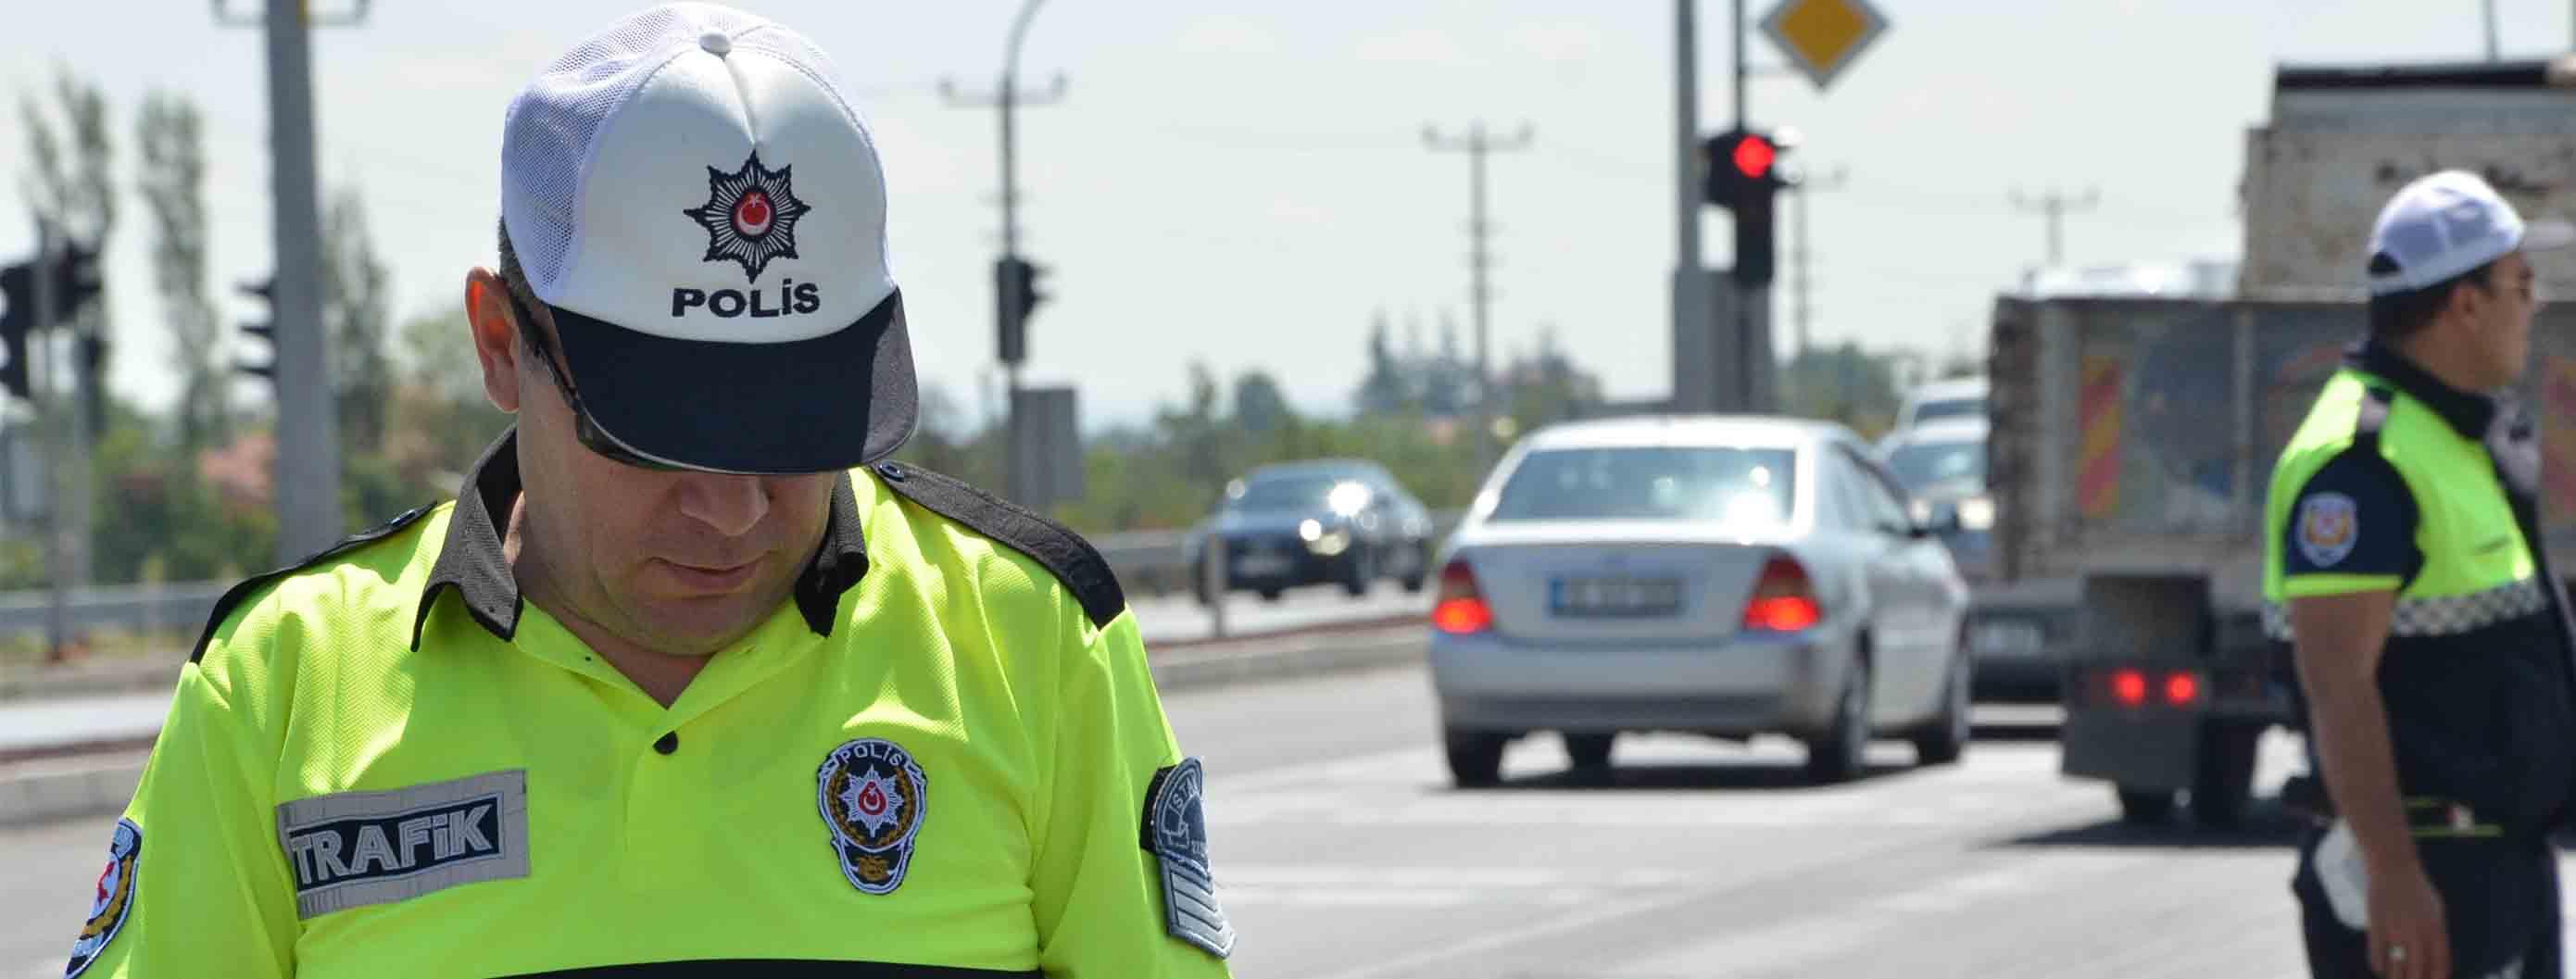 POLİS VE JANDARMANIN BAYRAM MESAİSİ BAŞLADI